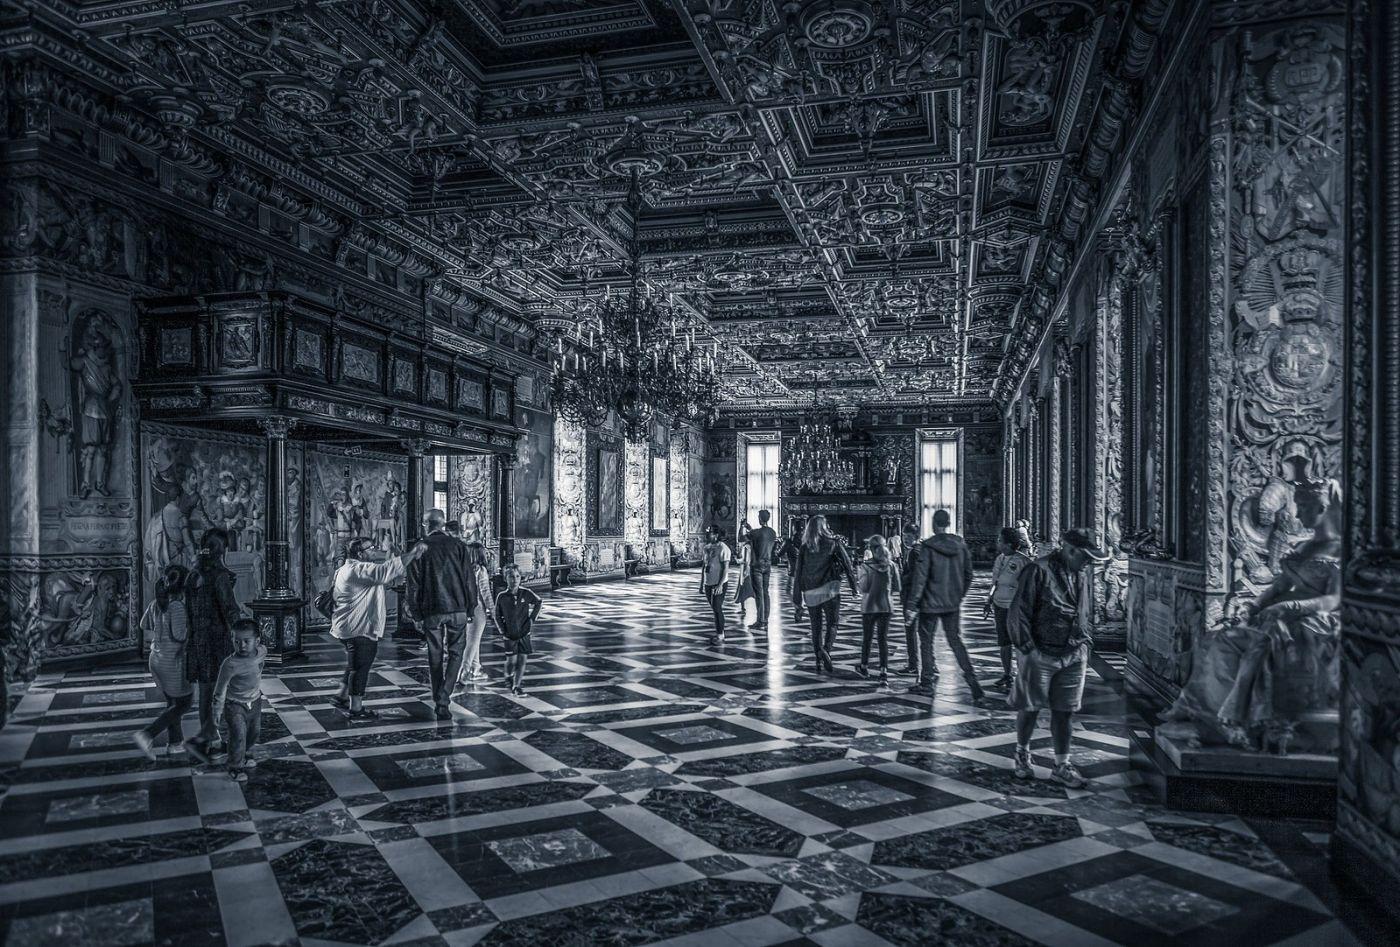 丹麦腓特烈堡城堡,回看历史_图1-35